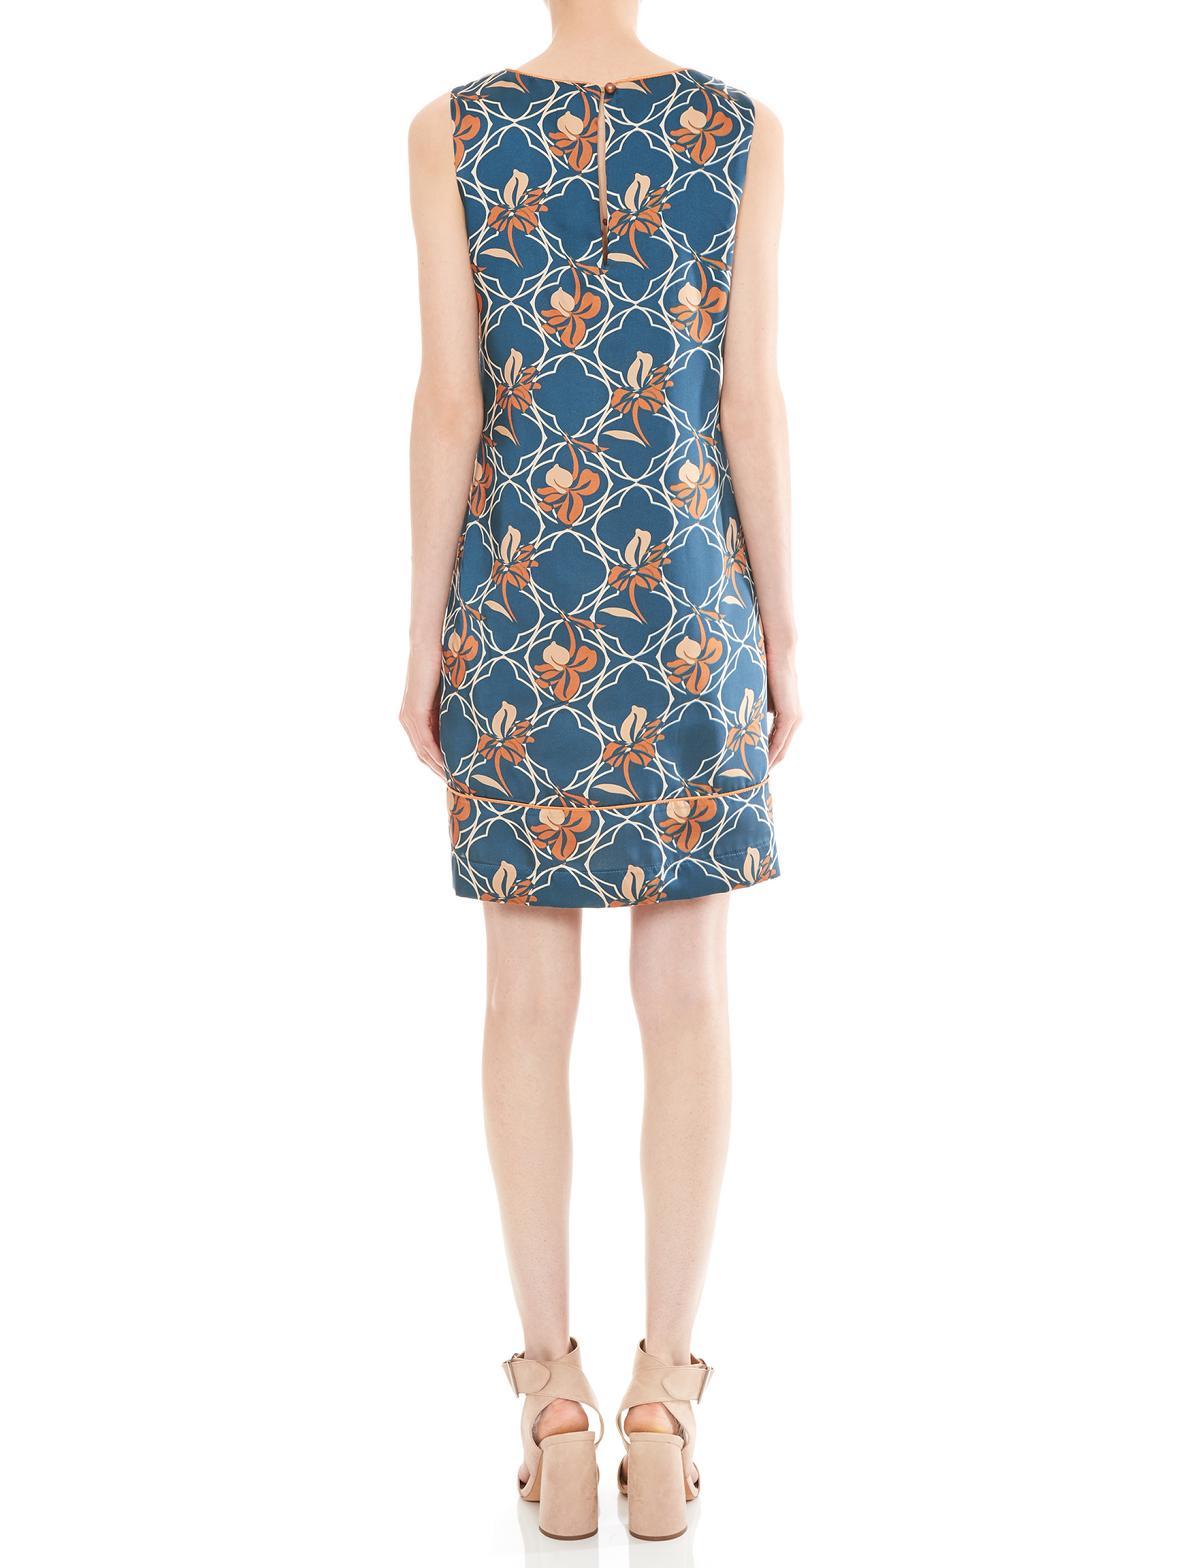 Rückansicht von Ana Alcazar A-Linien Kleid Manexia  angezogen an Model